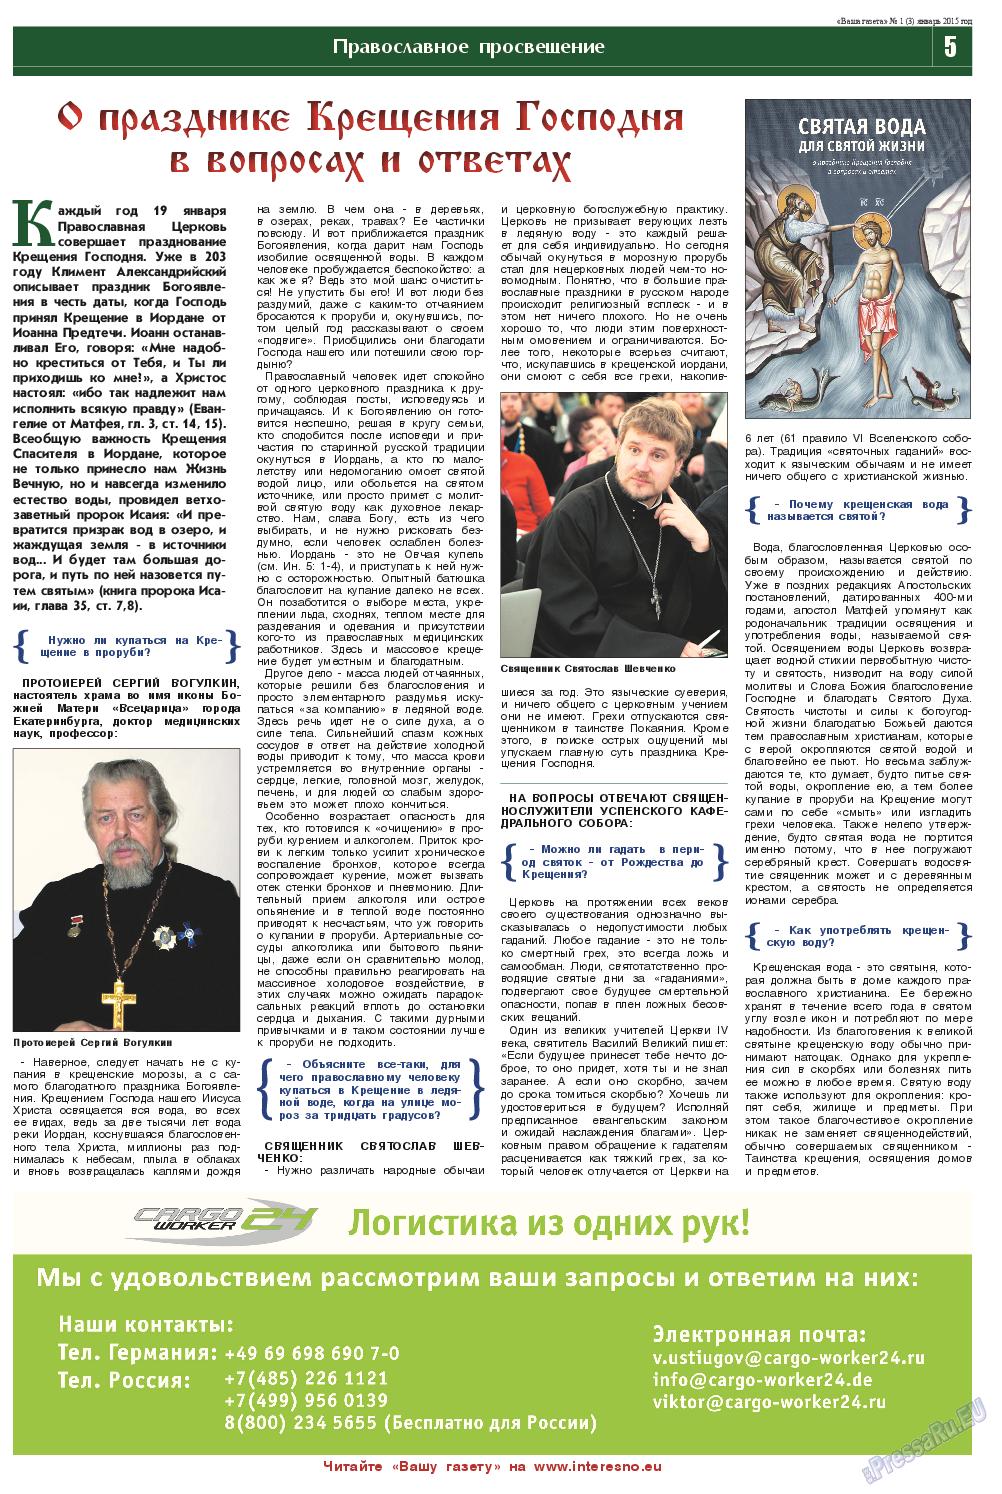 Ваша газета (газета). 2015 год, номер 1, стр. 5